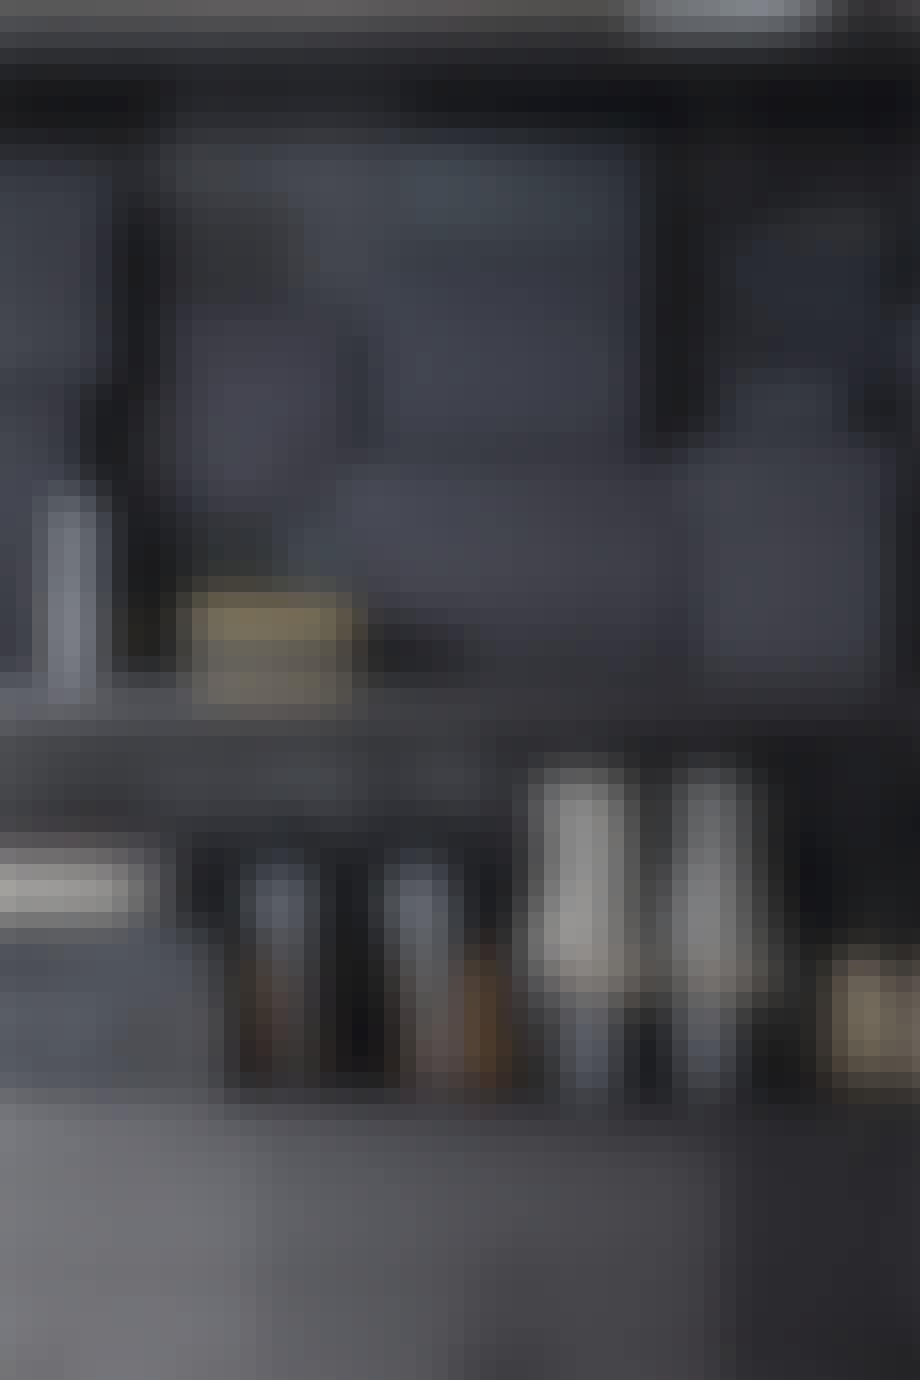 lejlighed villa indretning amager garderobe sort